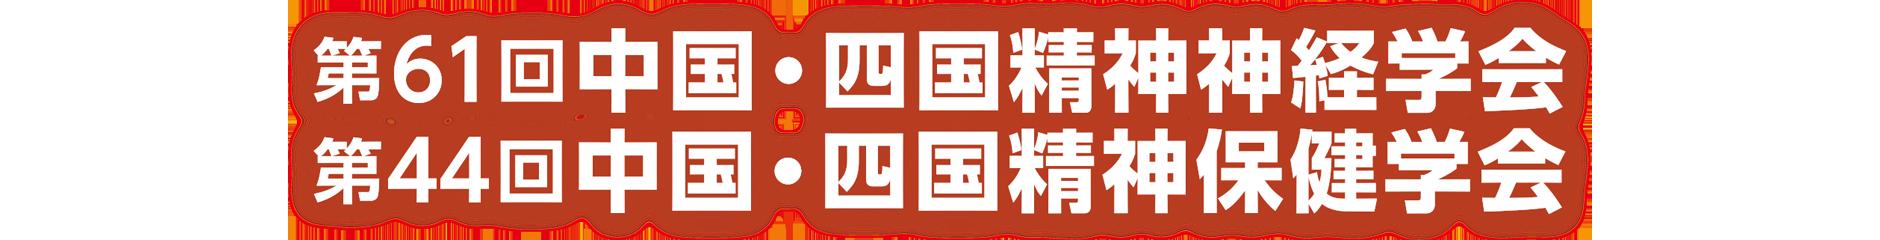 第61回中国・四国精神神経学会/第44回中国・四国精神保健学会